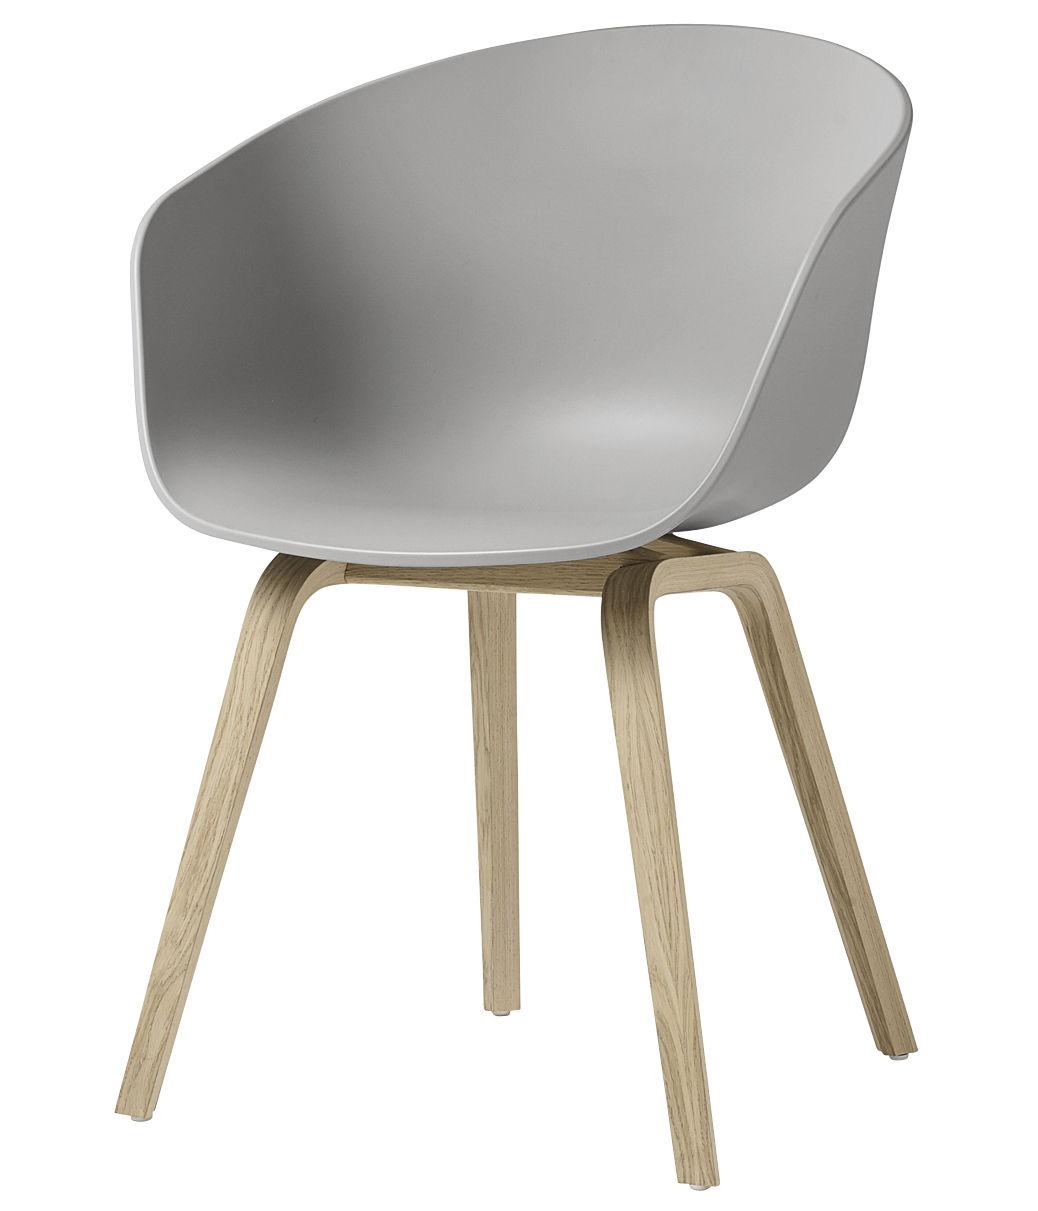 Mobilier - Chaises, fauteuils de salle à manger - Fauteuil About a chair AAC22 / Plastique & chêne verni mat - Hay - Gris clair / Chêne verni mat - Chêne verni mat, Polypropylène